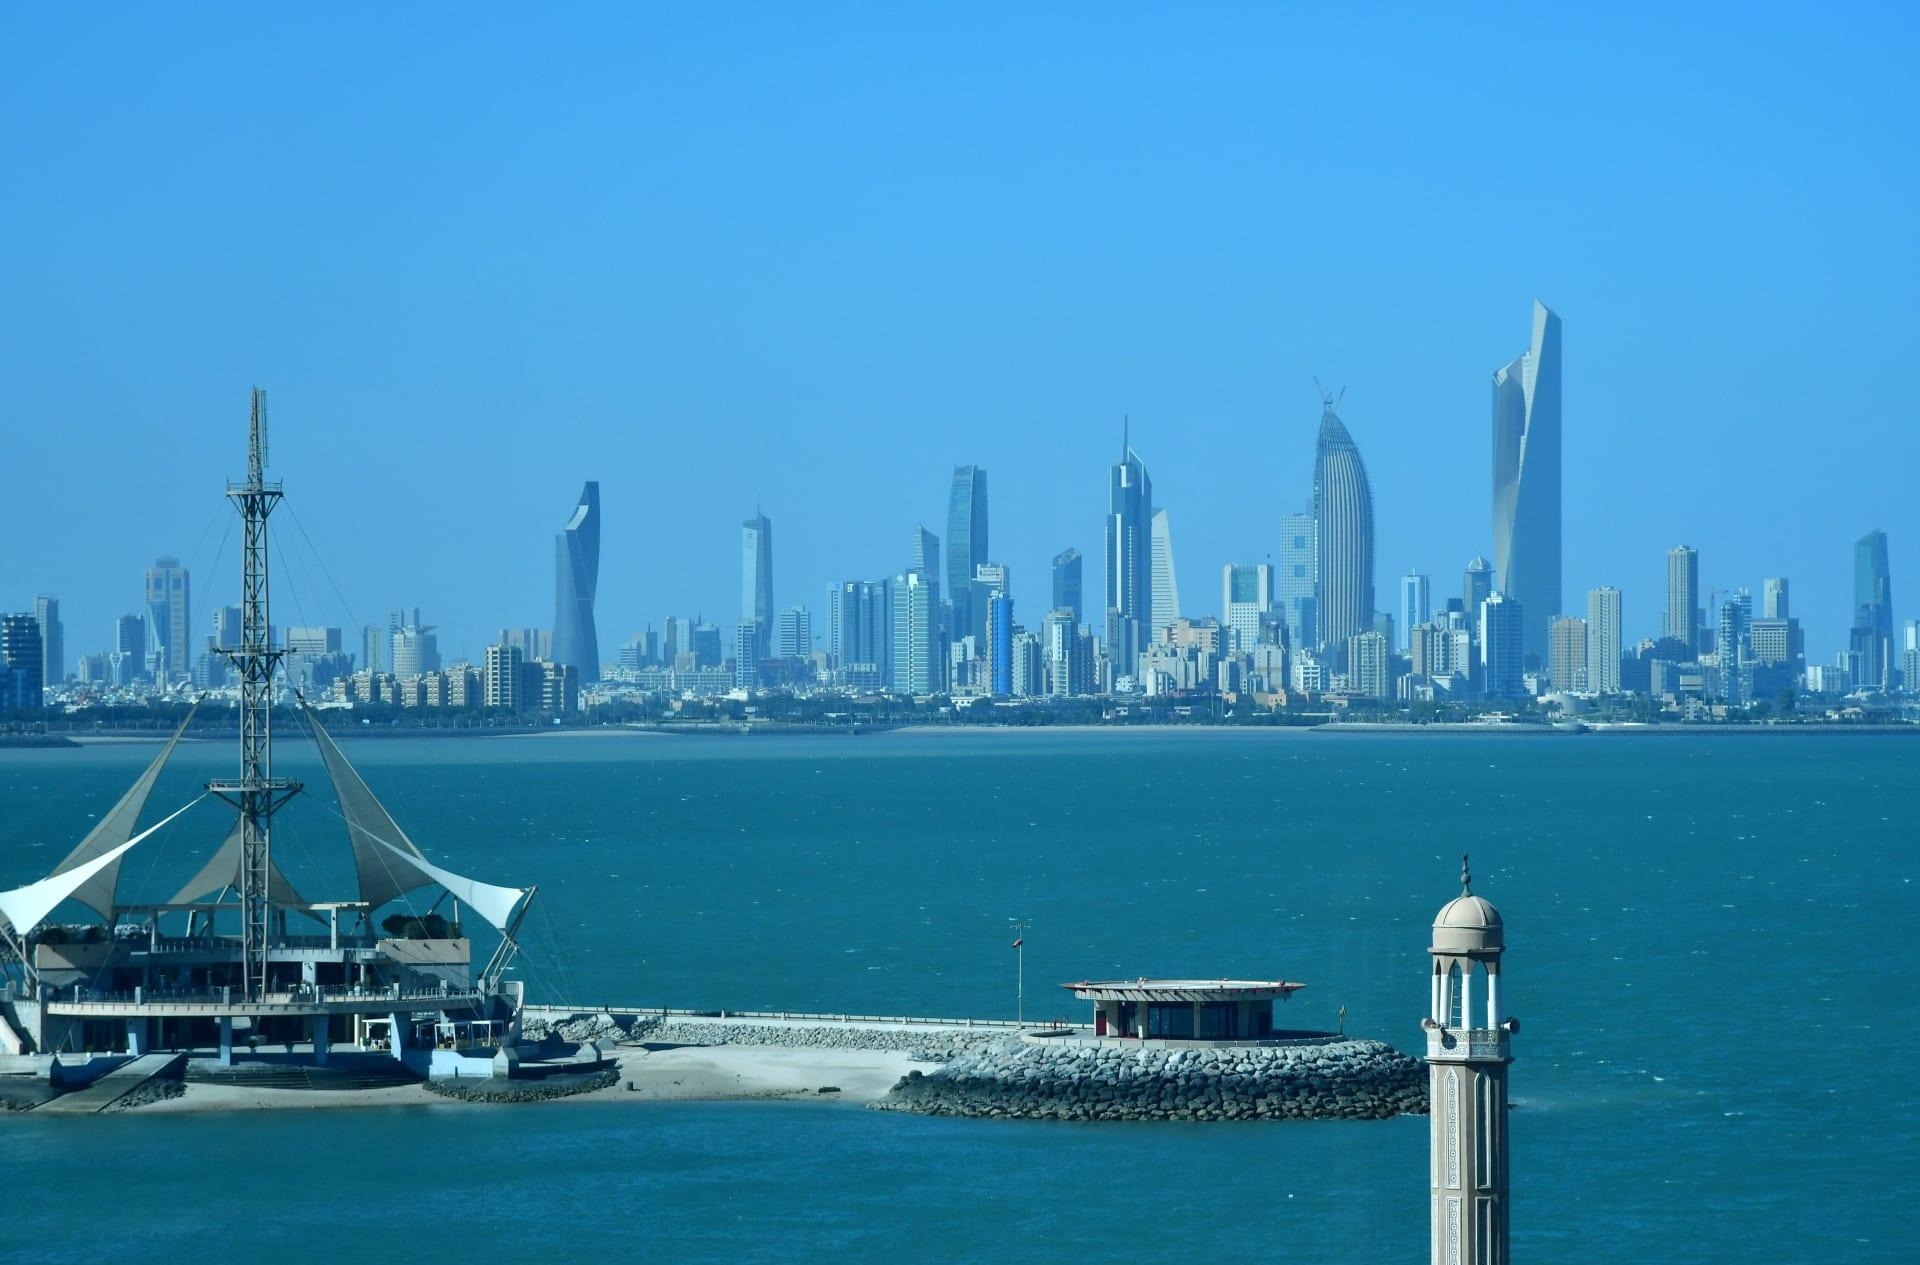 صور ارشيفية عامة من الكويت